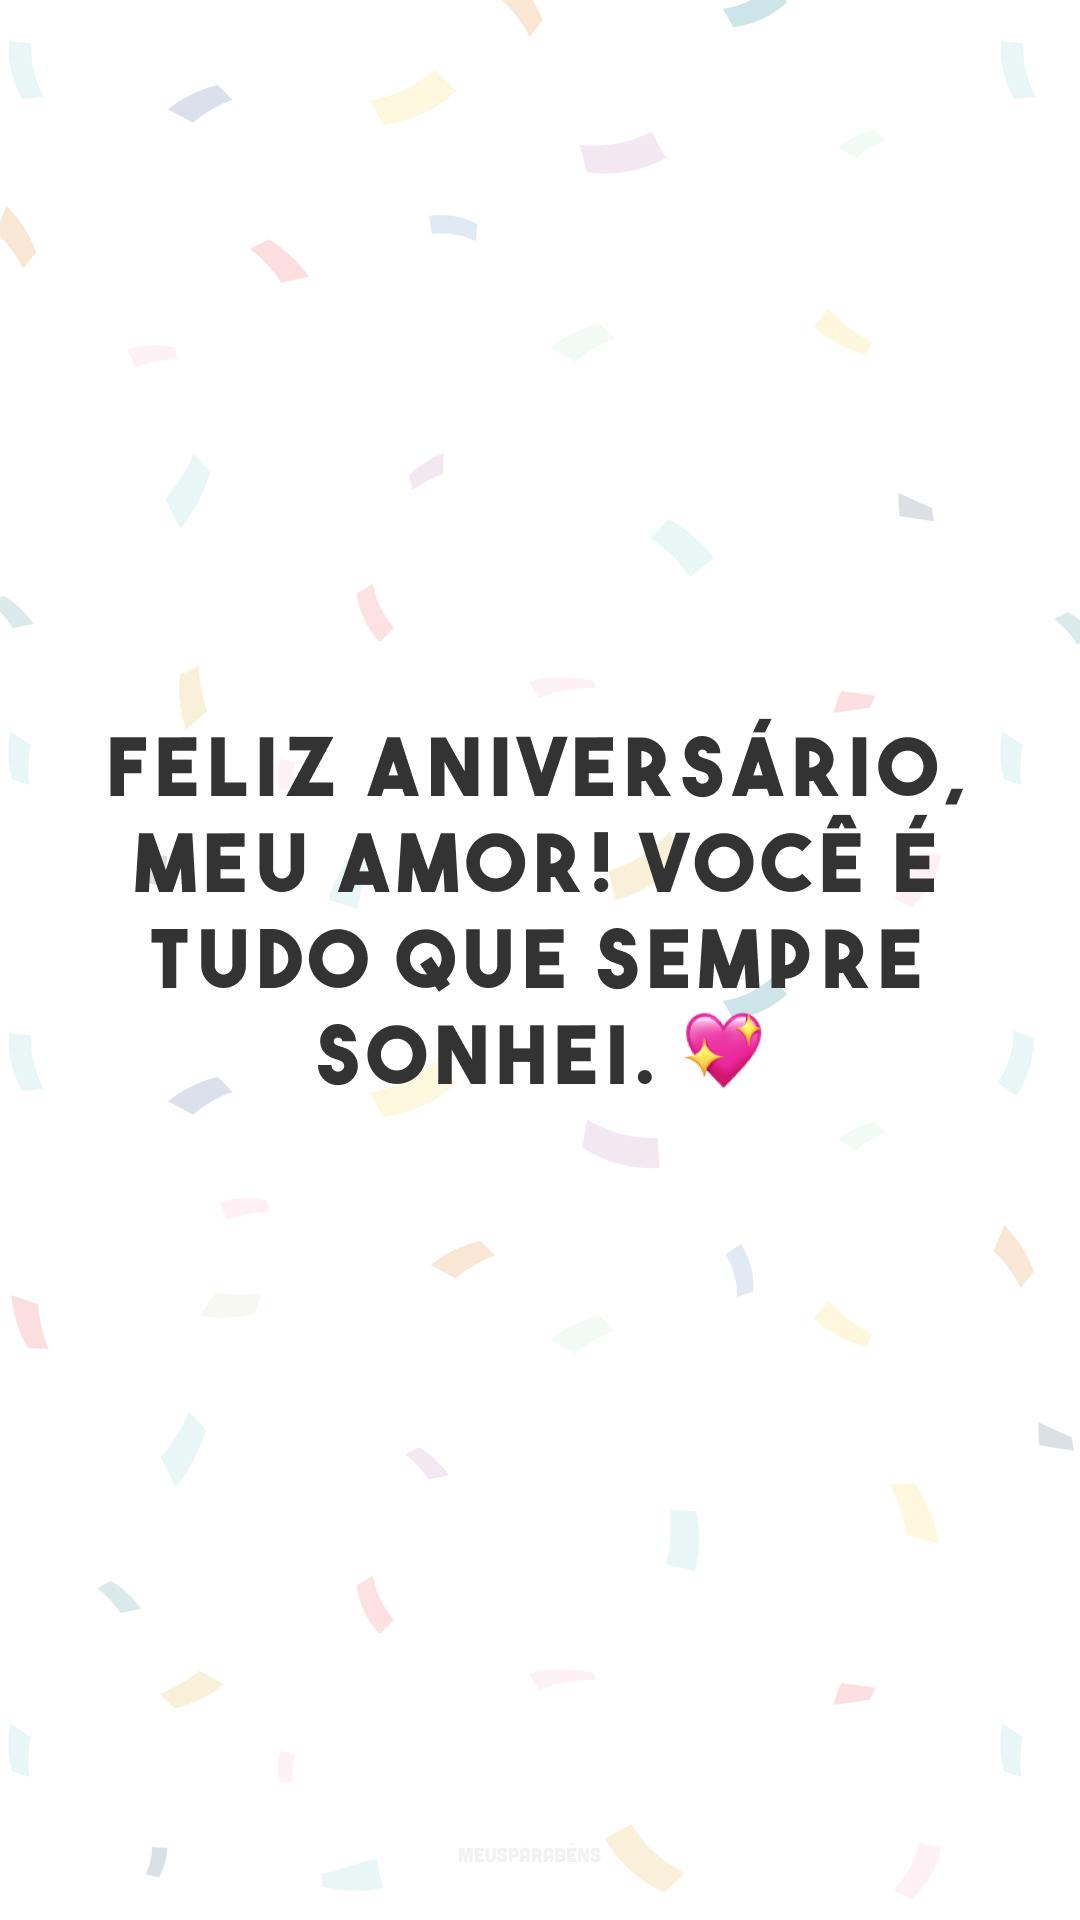 Feliz aniversário, meu amor! Você é tudo que sempre sonhei. 💖